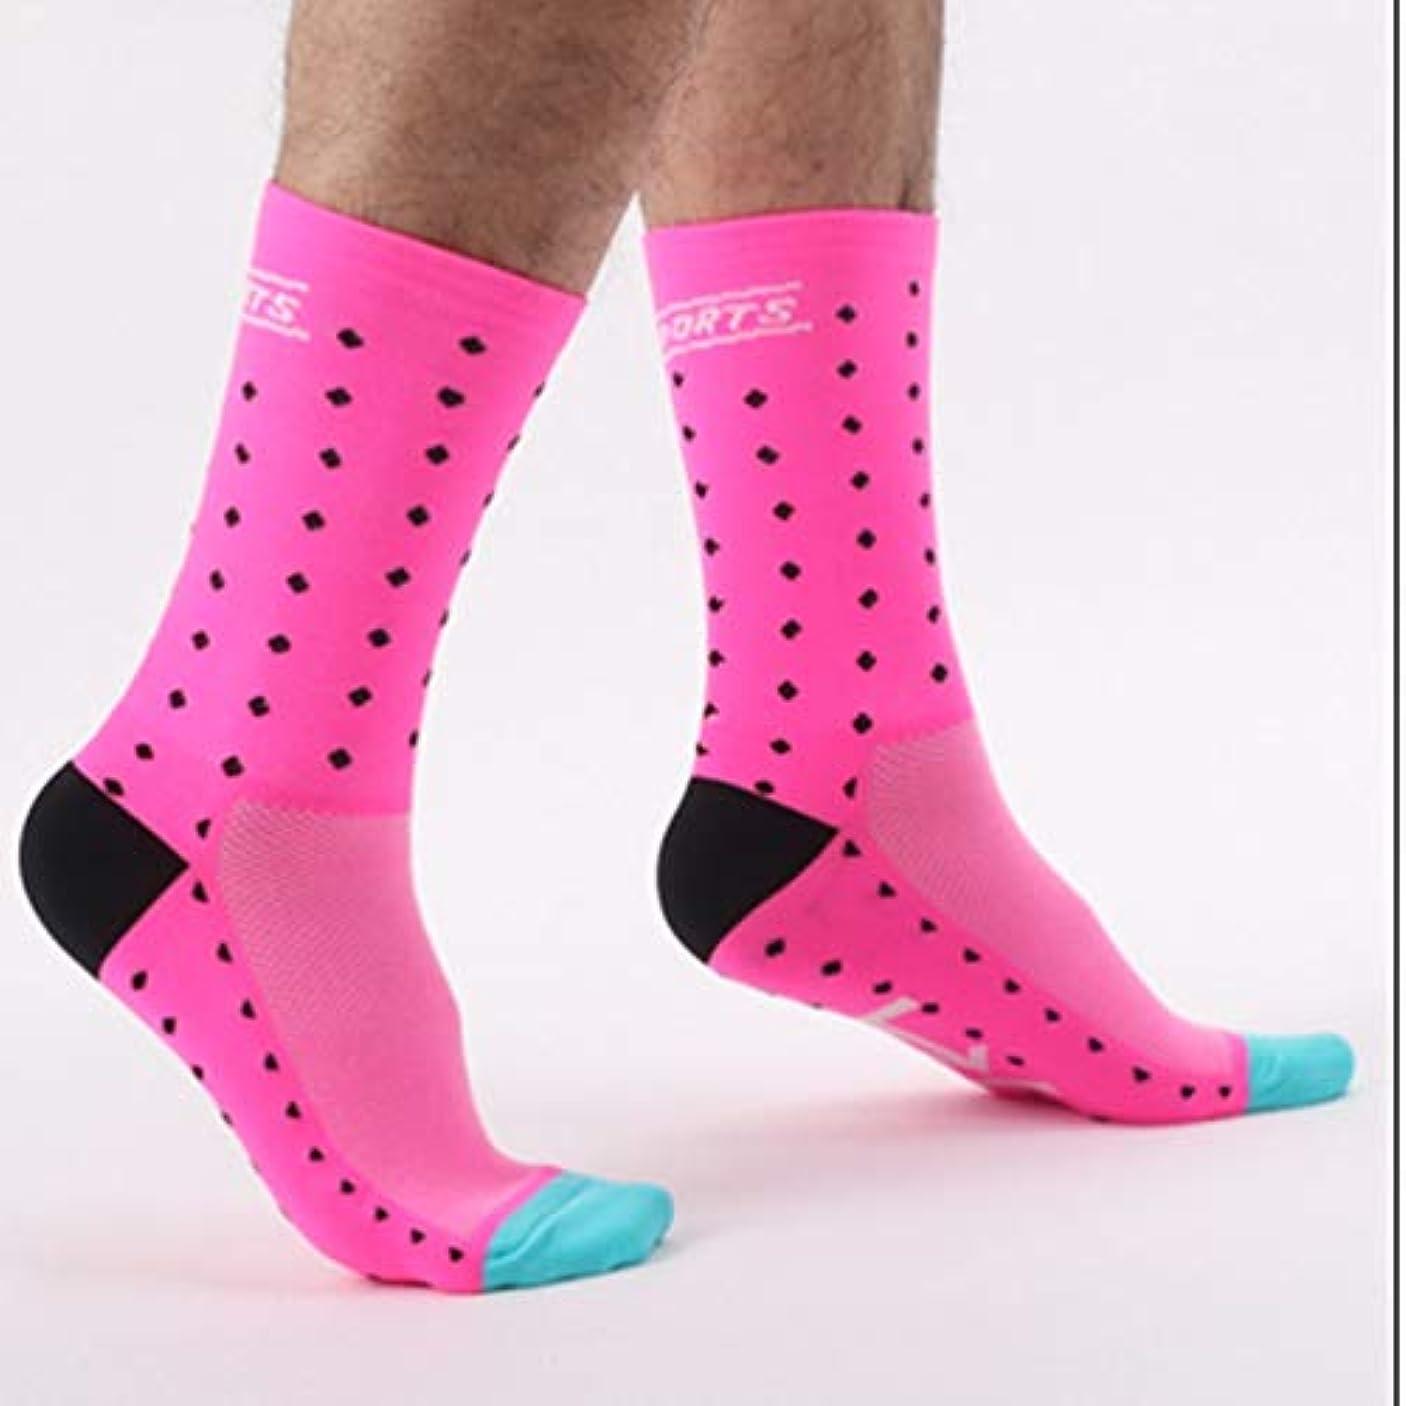 ルーム位置するエミュレートするDH04快適なファッショナブルな屋外サイクリングソックス男性女性プロの通気性スポーツソックスバスケットボールソックス - ピンク